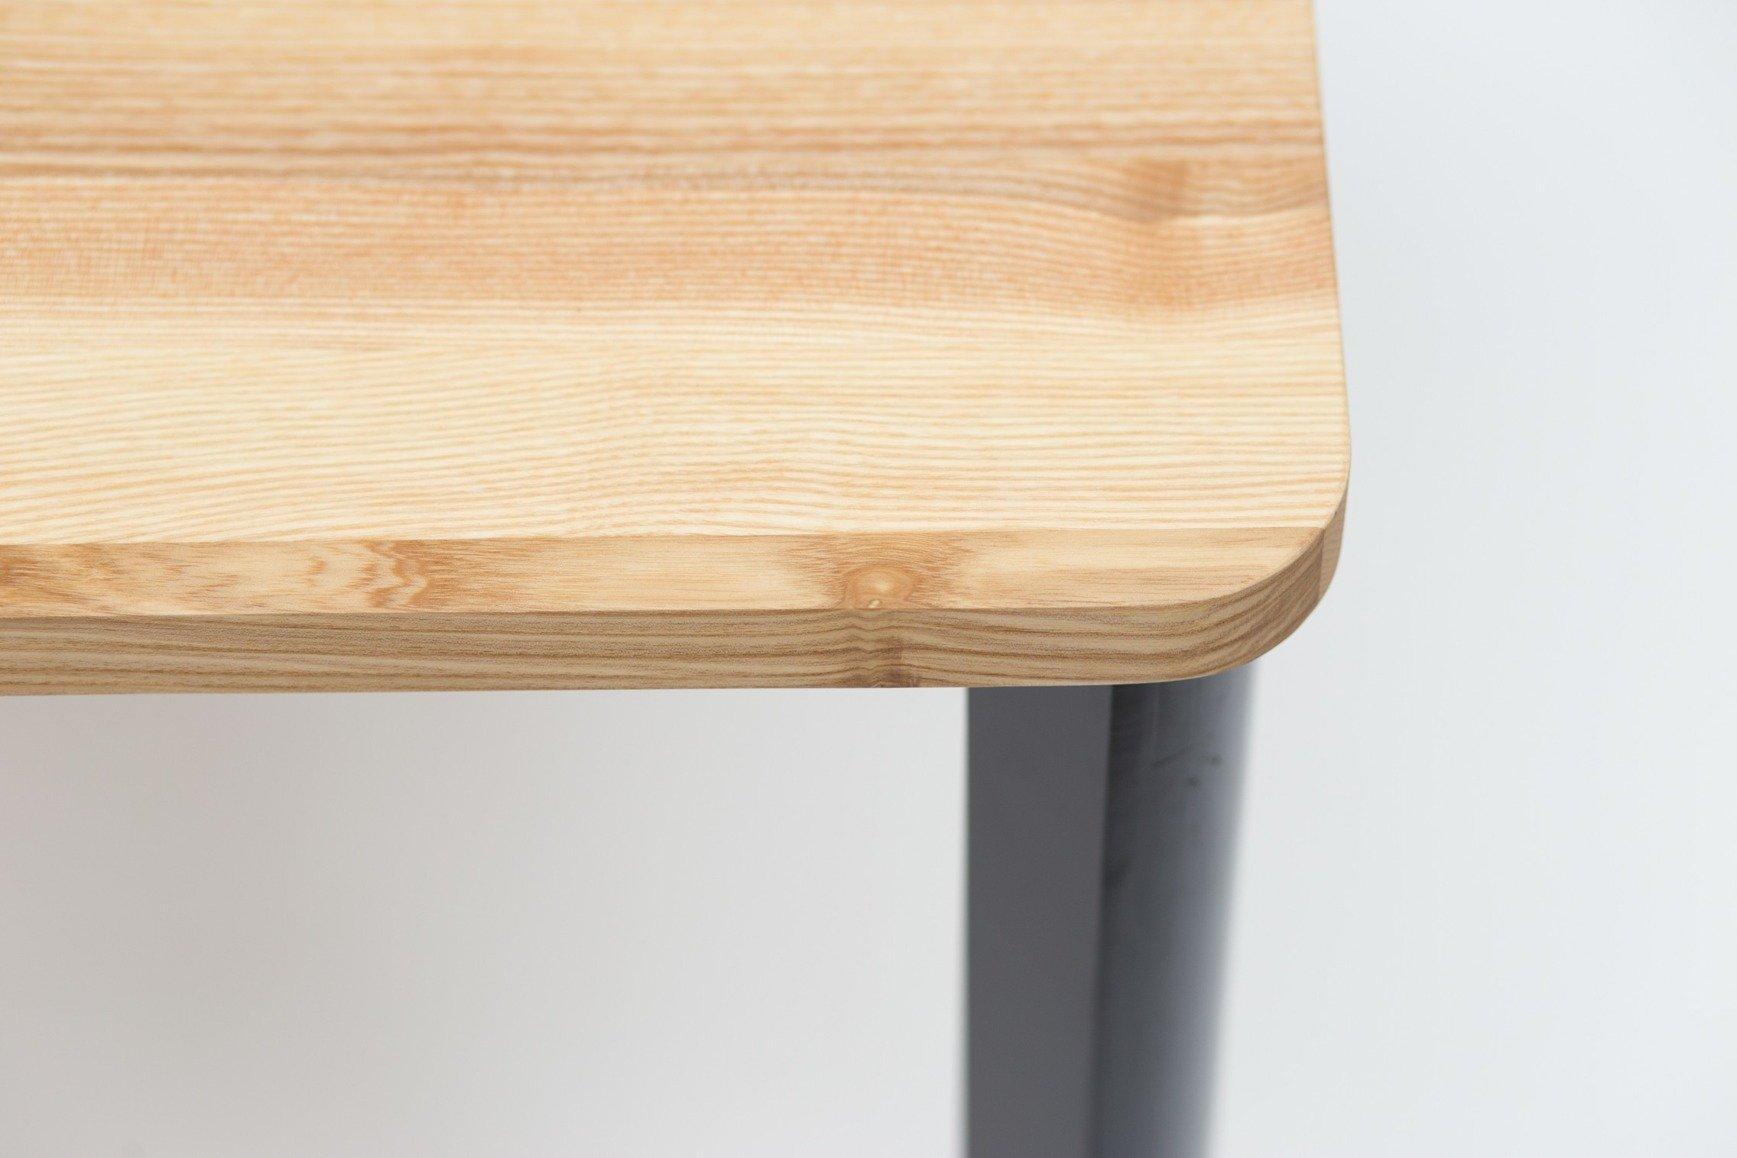 triventi rechteckig tisch wei rund beine ragaba. Black Bedroom Furniture Sets. Home Design Ideas